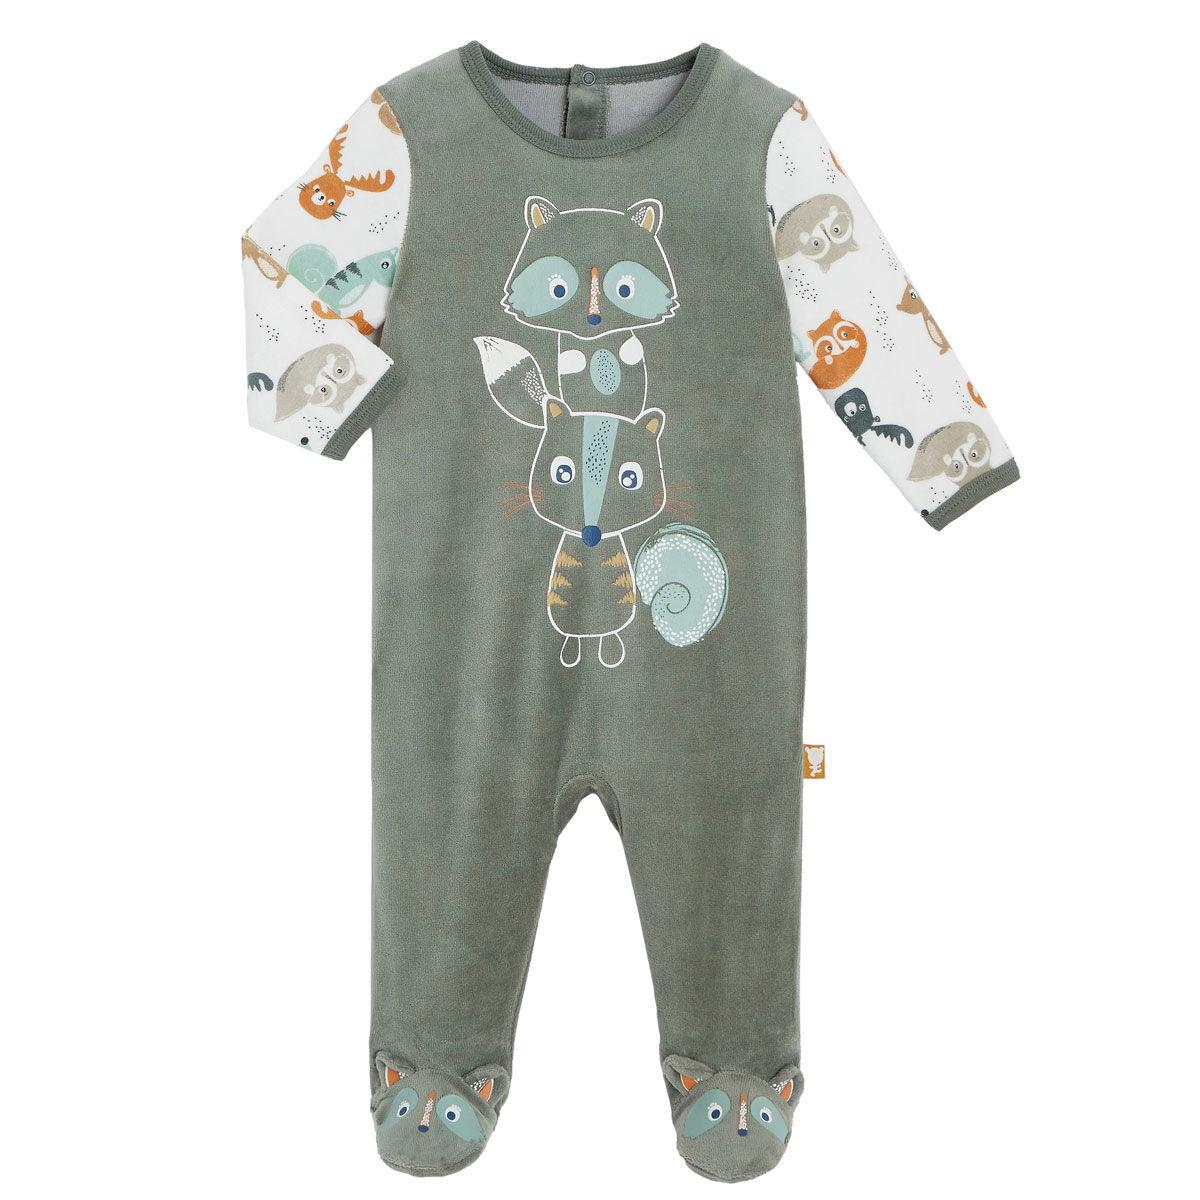 Petit Béguin Pyjama bébé en velours contenant du coton bio Noisette - Taille - 36 mois